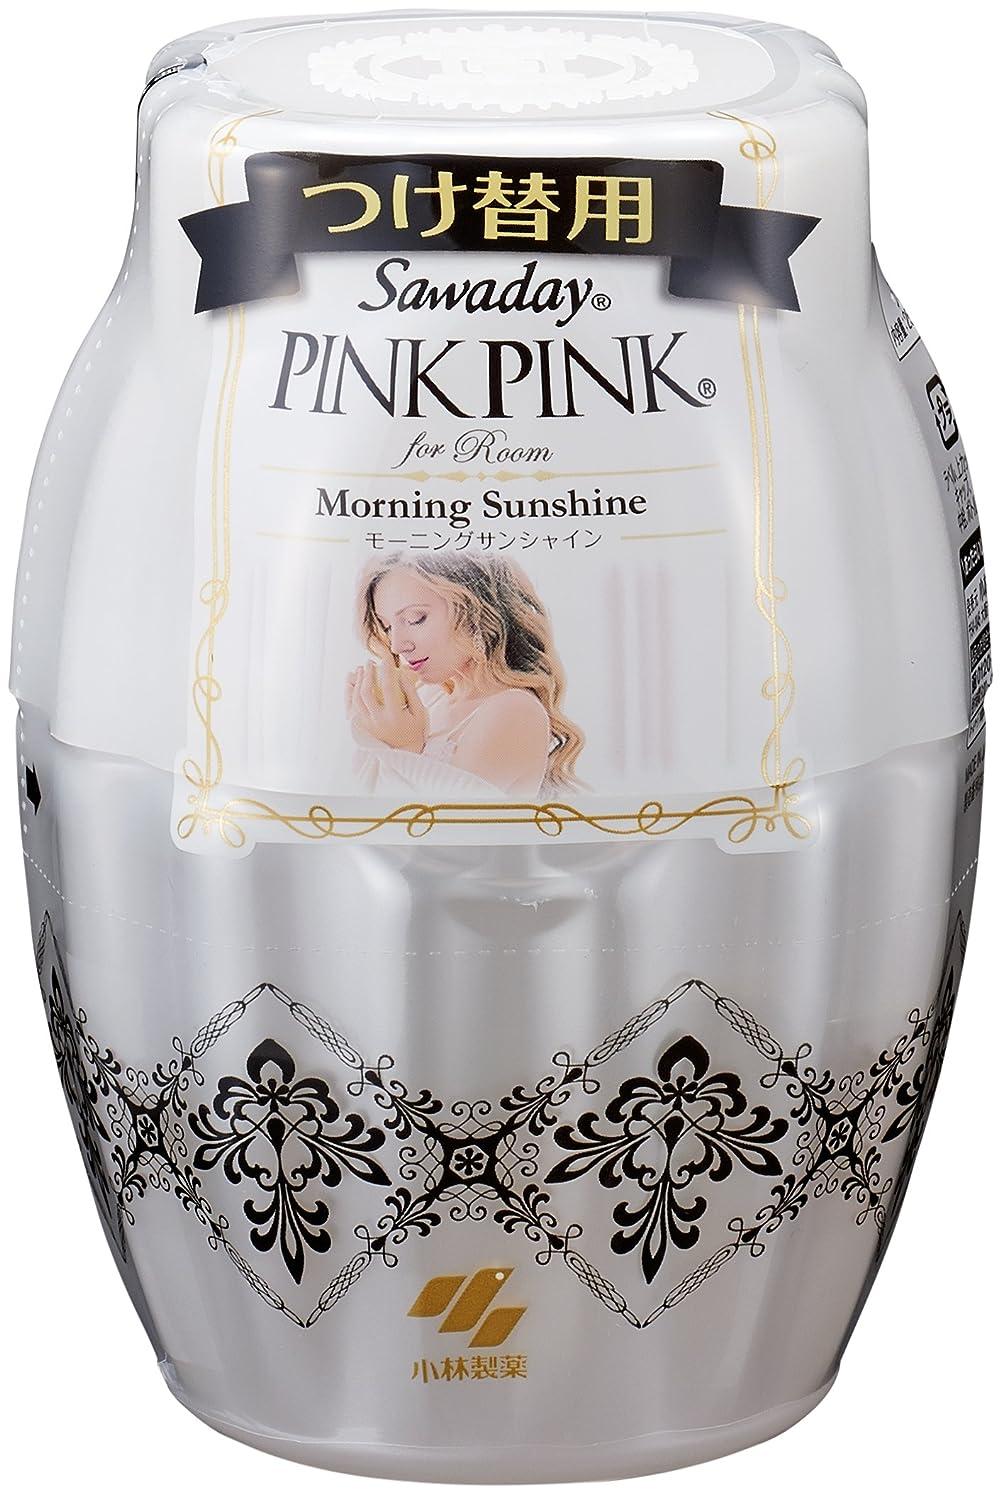 奪う確認してくださいベーカリーサワデーピンクピンク 消臭芳香剤 部屋用 詰め替え用 モーニングサンシャイン 250ml